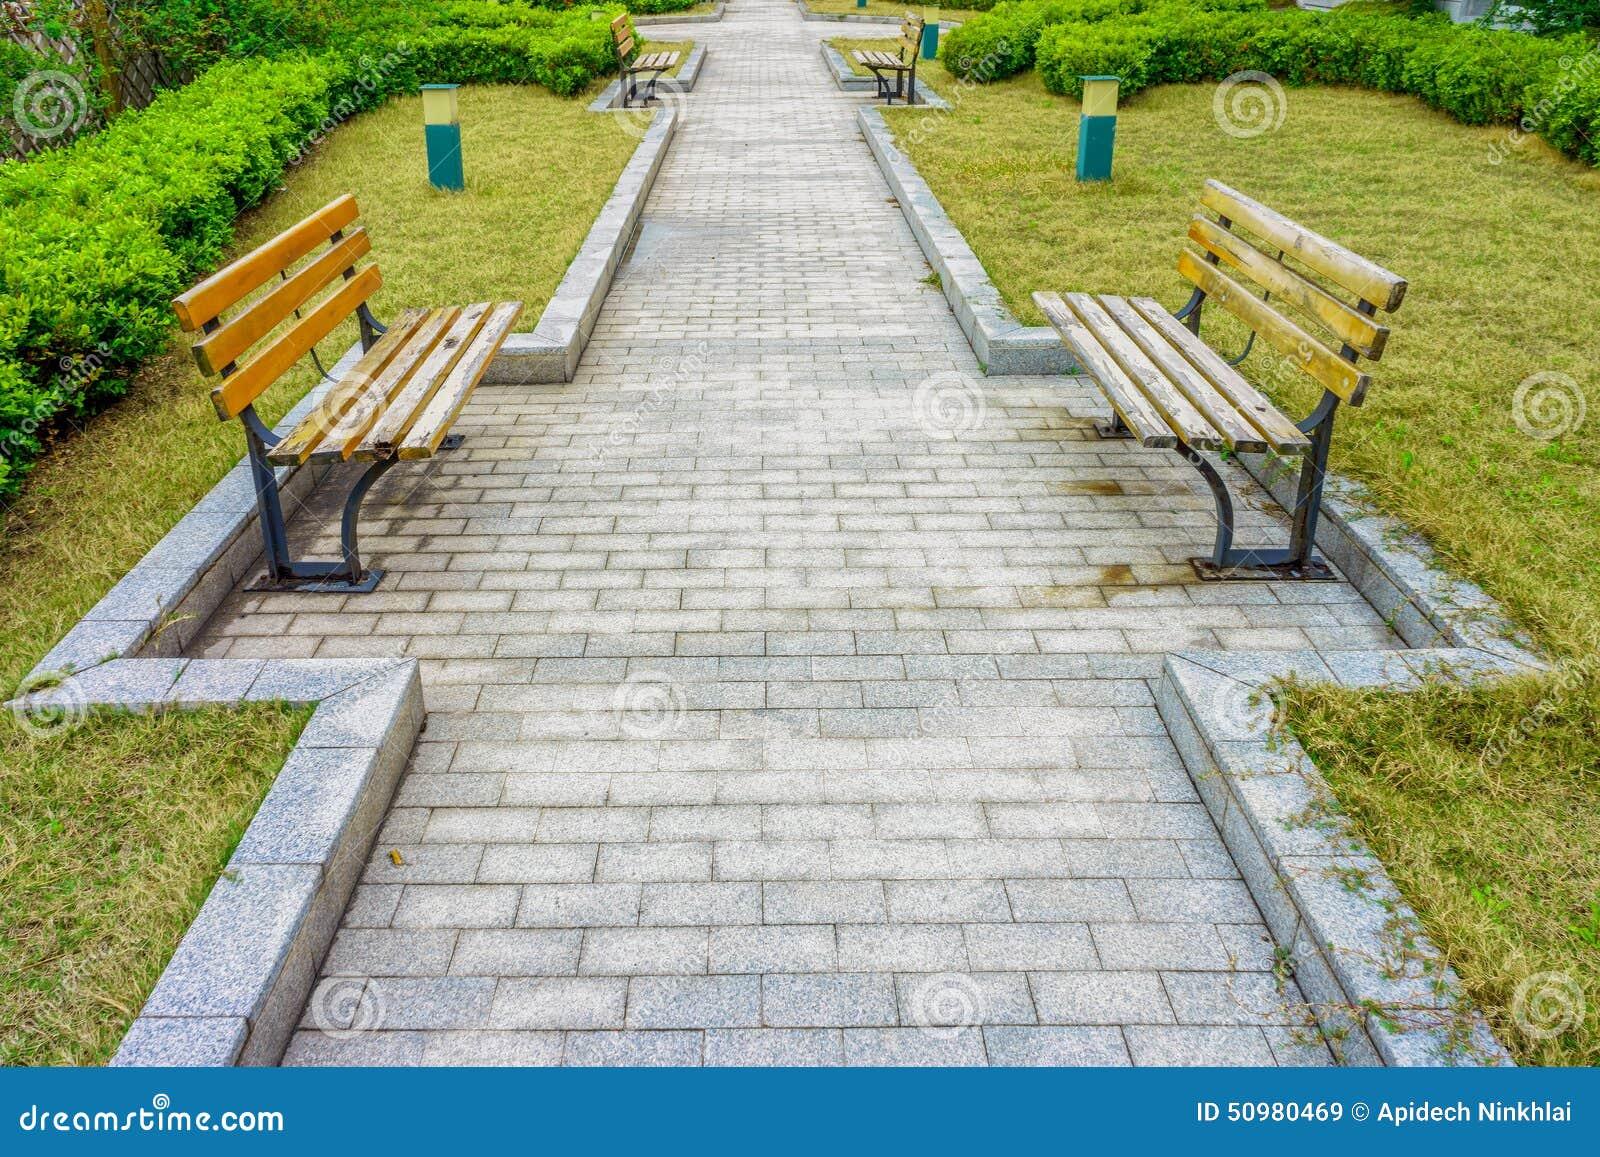 La pavimentazione di pietra in un giardino fotografia - Pavimentazione giardino ...